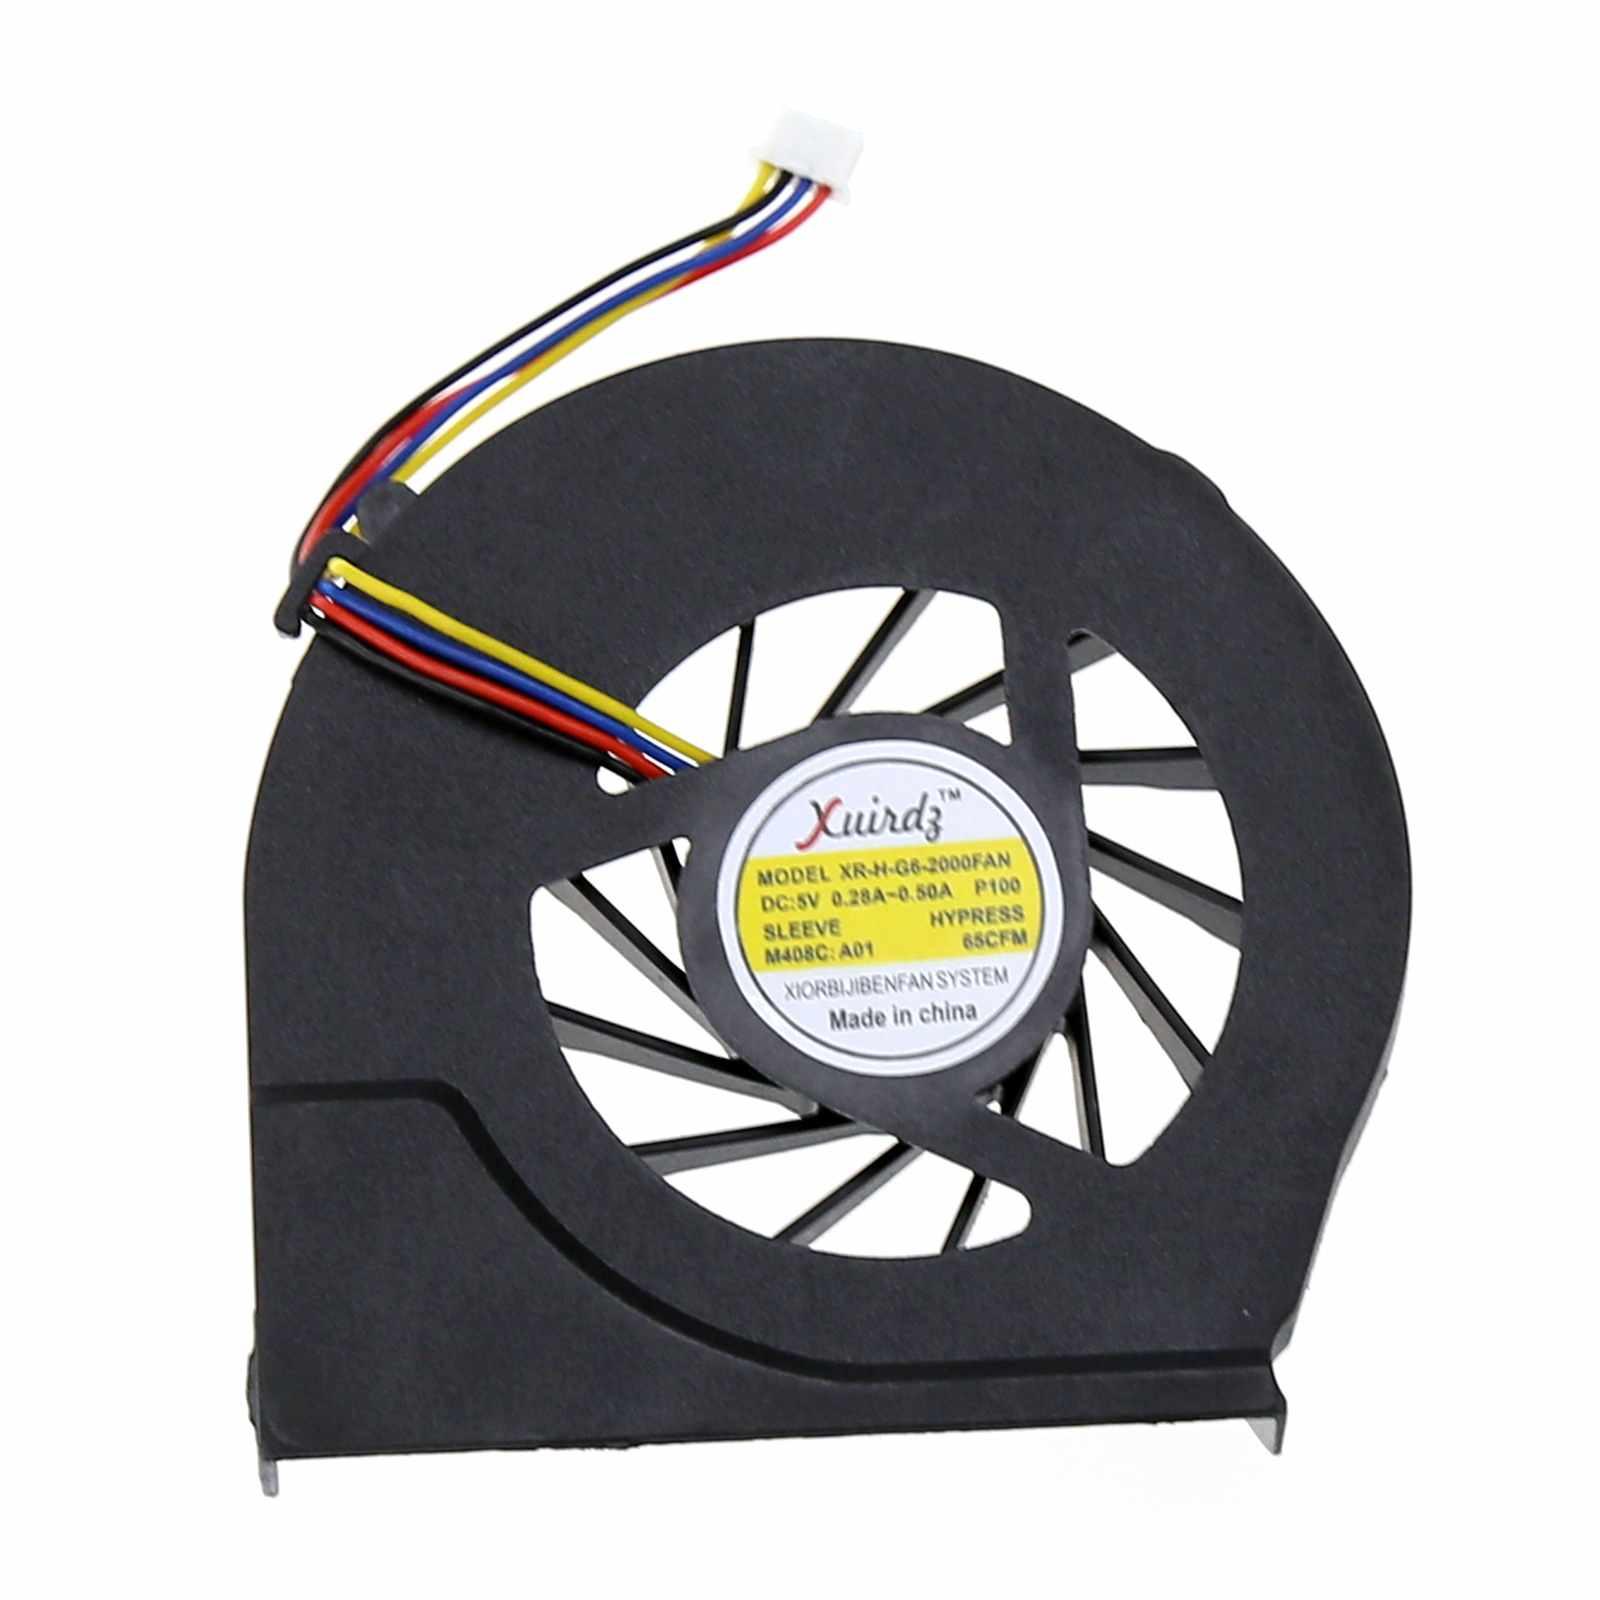 Aliexpress Beli Merek Baru dan Kualitas Tinggi CPU Cooler Fan untuk HP G4 2000 G6 2000 g7 2000 Pengganti Kipas Pendingin untuk PC Anda dari